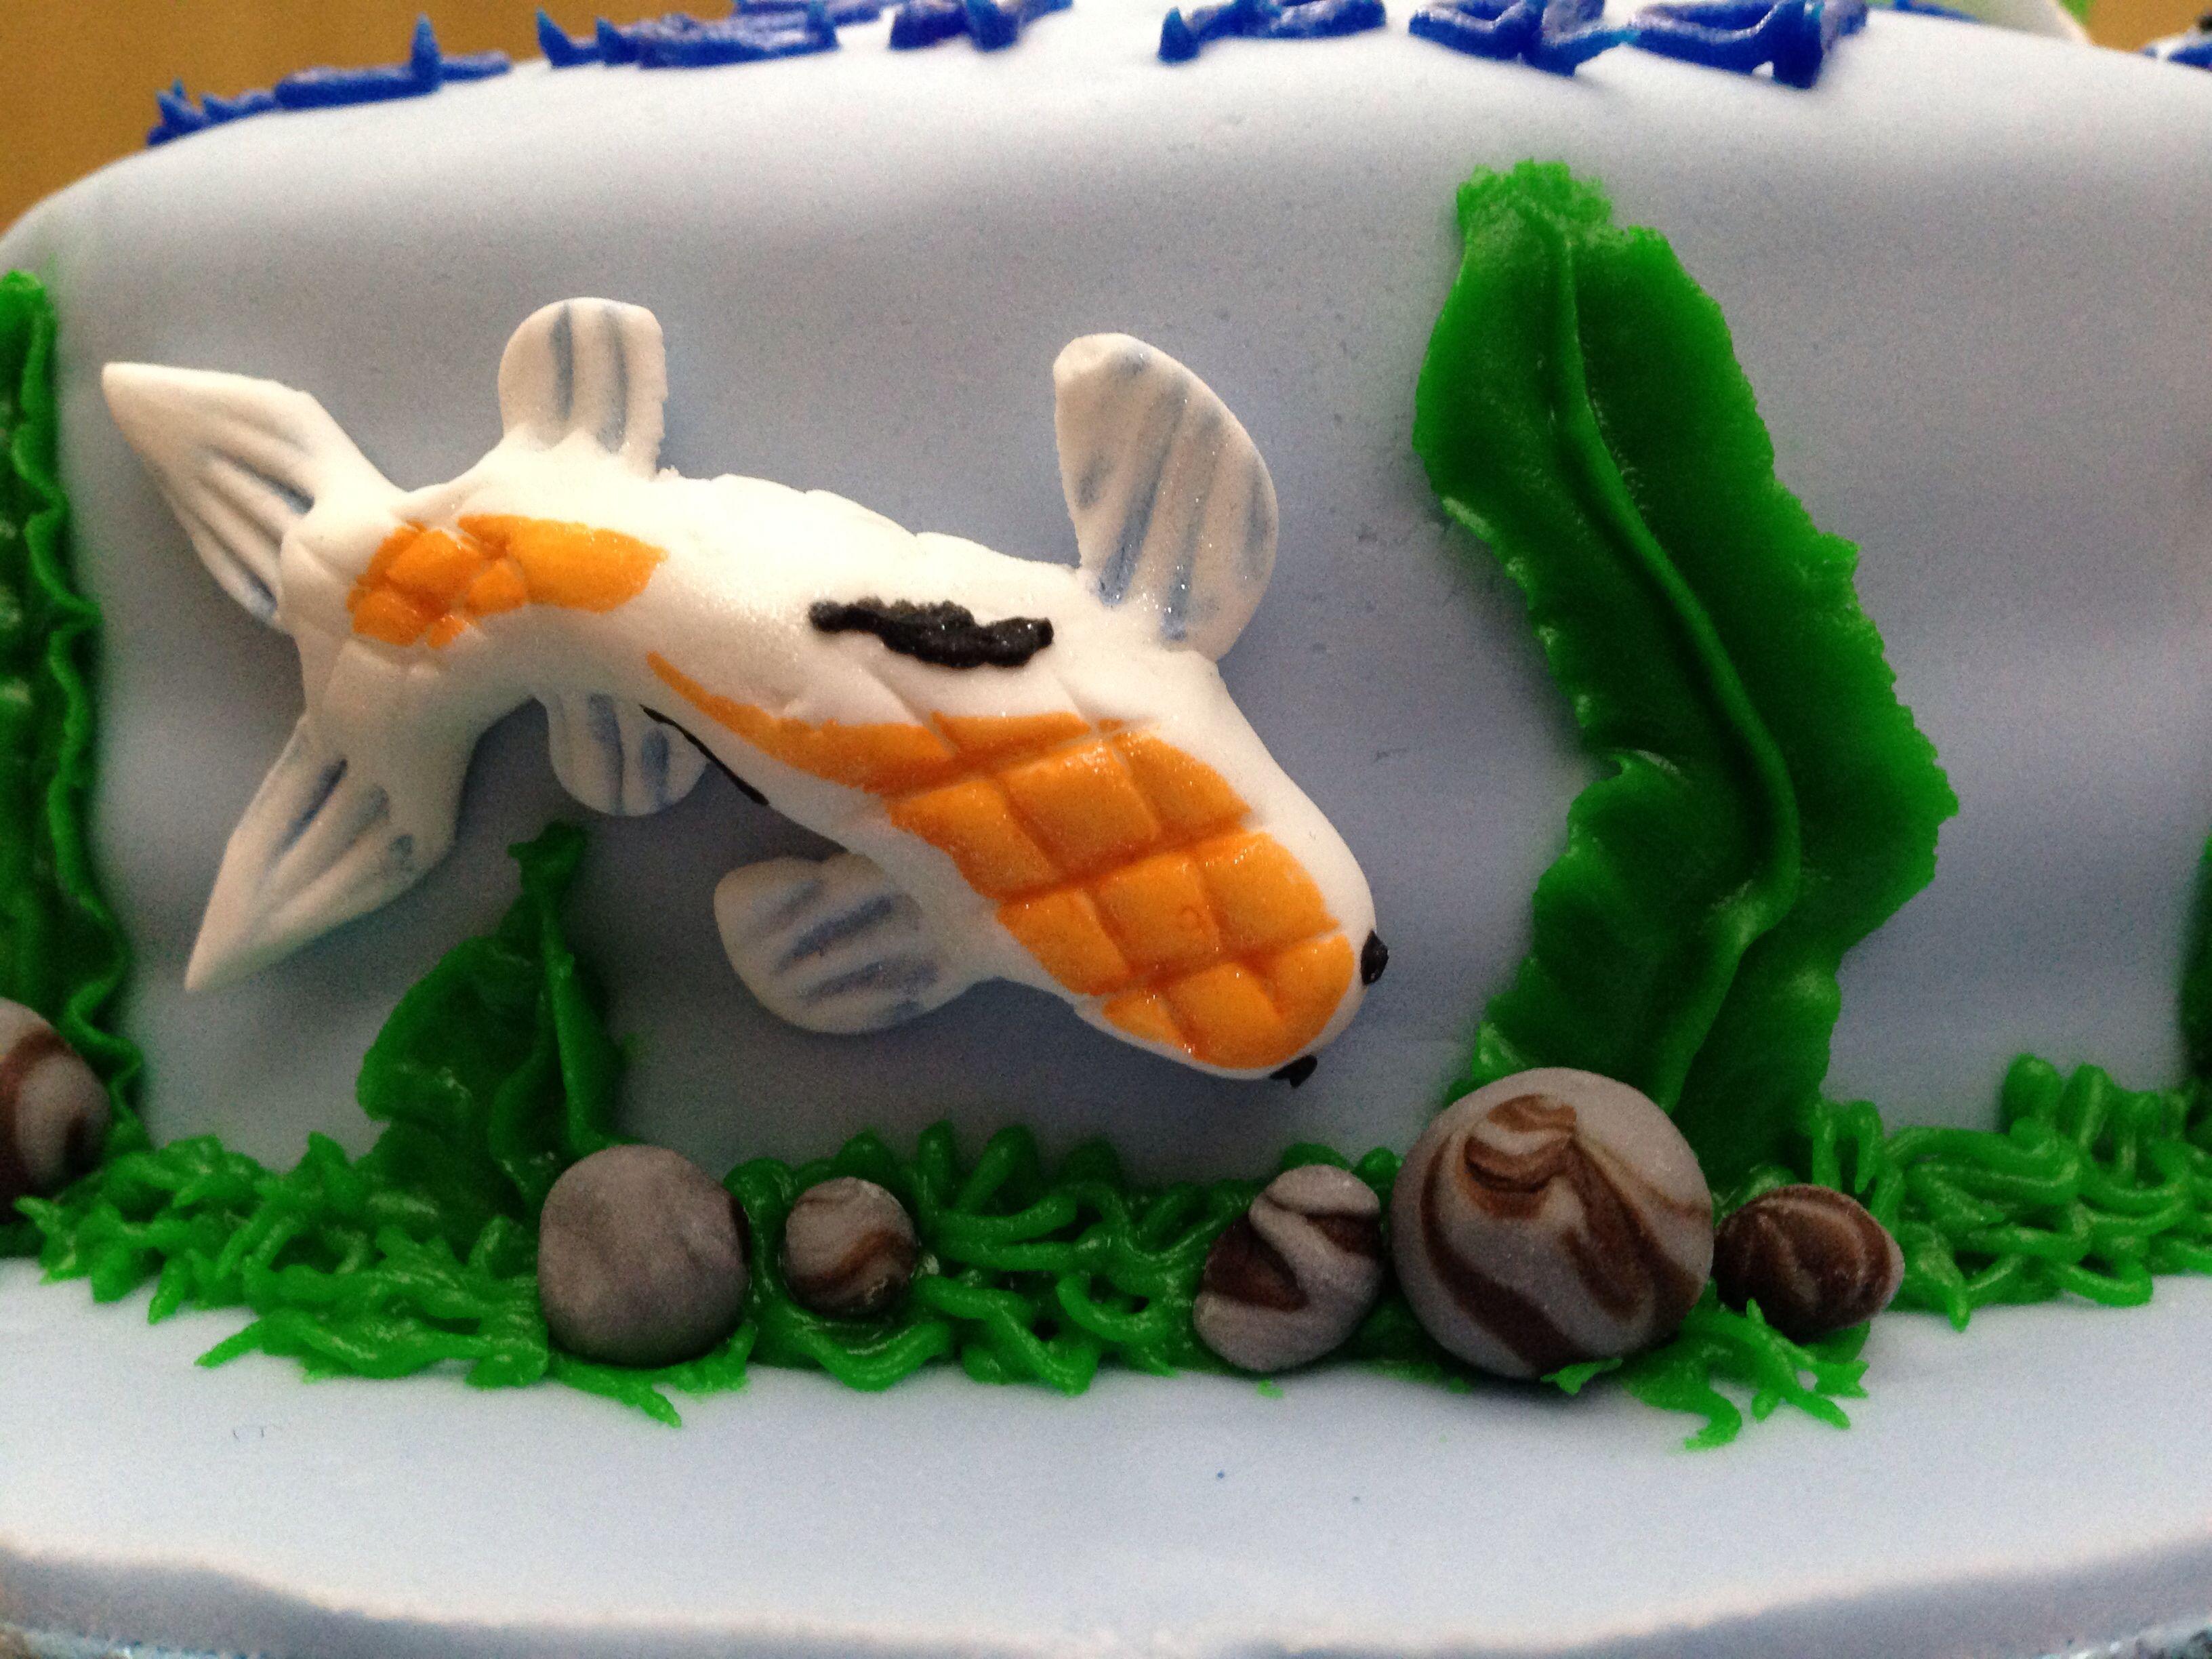 Koi on the cake